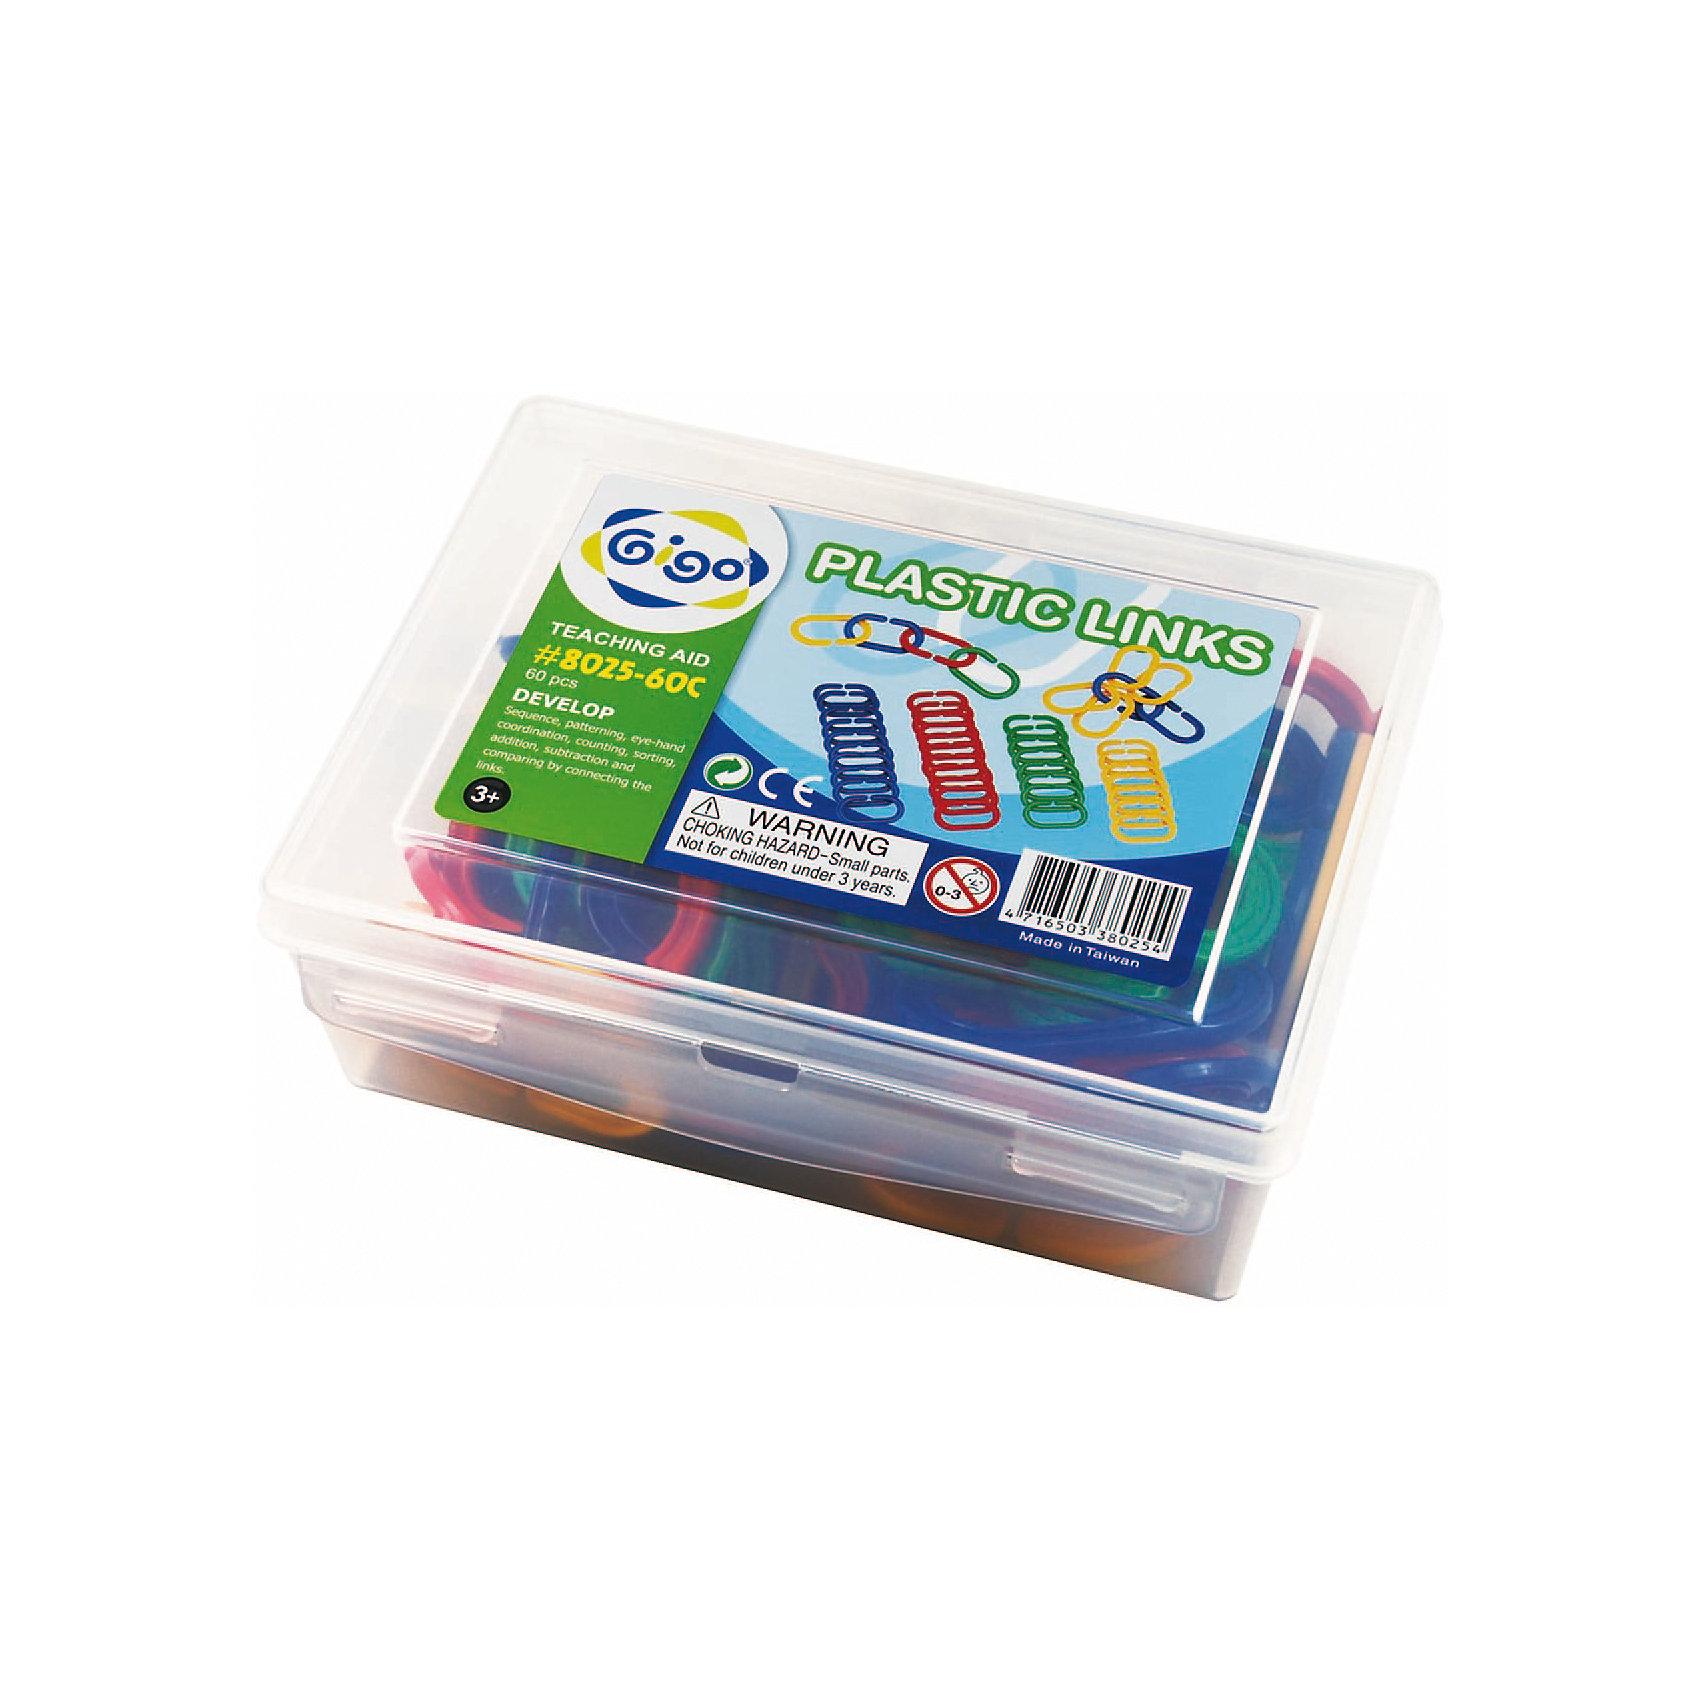 Набор Соедини кольцаРазвивающие игры<br>Конструктор Gigo Plastic links (Гиго. Соедини кольца) состоит из 60 колец красного, желтого, зеленого и синего цветов.<br>Элементы легко соединяются между собой, и из них можно создавать различные фигурки.<br><br>Ширина мм: 72<br>Глубина мм: 152<br>Высота мм: 192<br>Вес г: 442<br>Возраст от месяцев: 36<br>Возраст до месяцев: 192<br>Пол: Унисекс<br>Возраст: Детский<br>SKU: 5324988